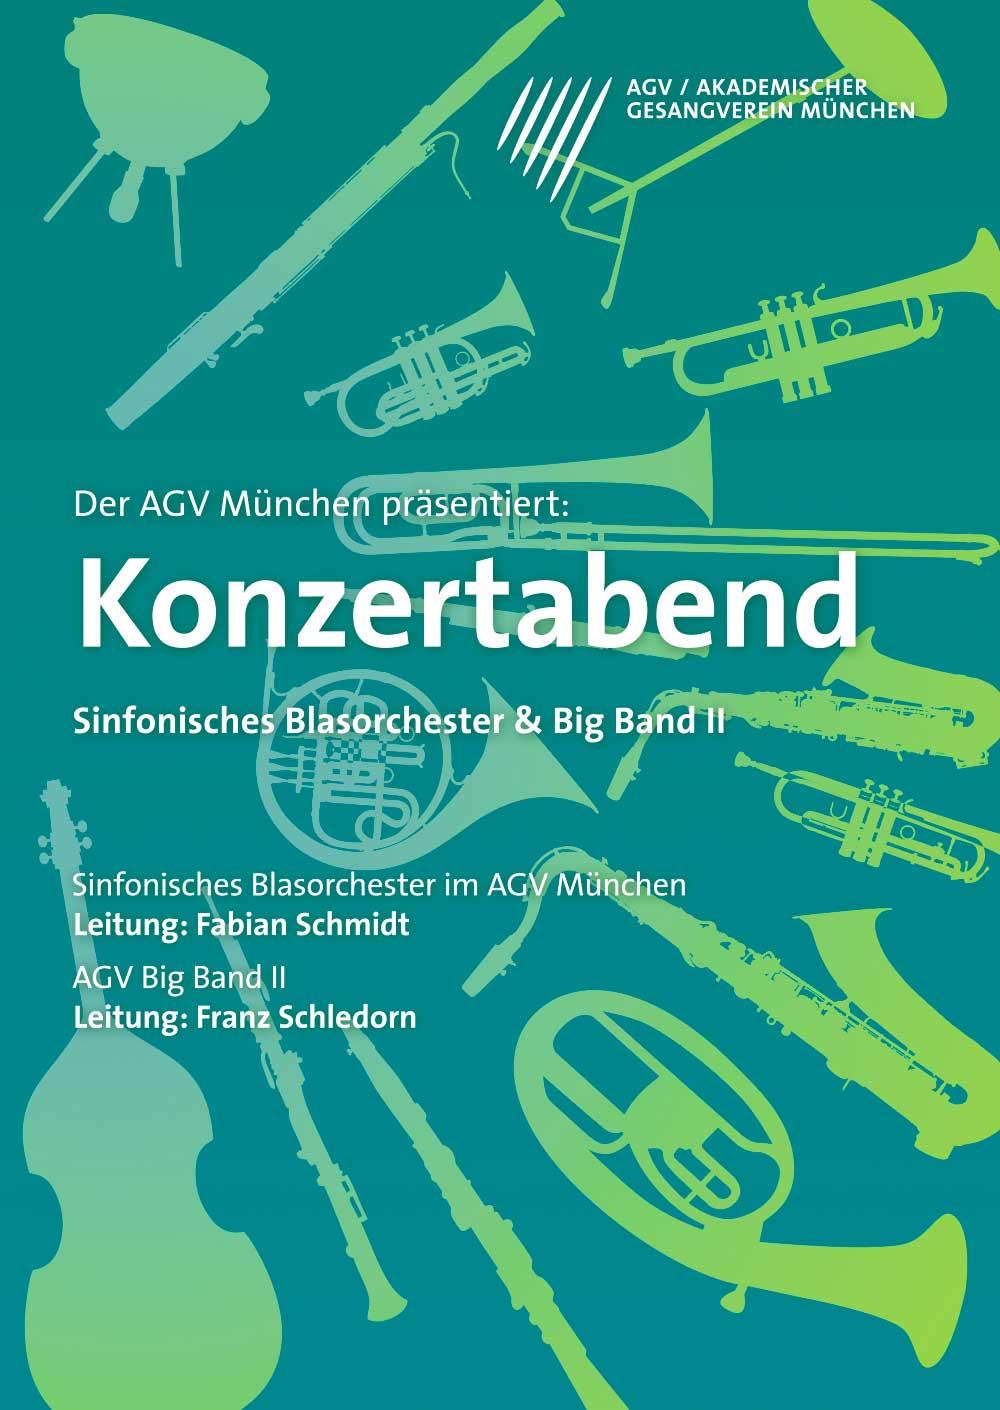 Plakatdesign für Akademischer Gesangsverein München Sinfonisches Blasorchester Plakat design